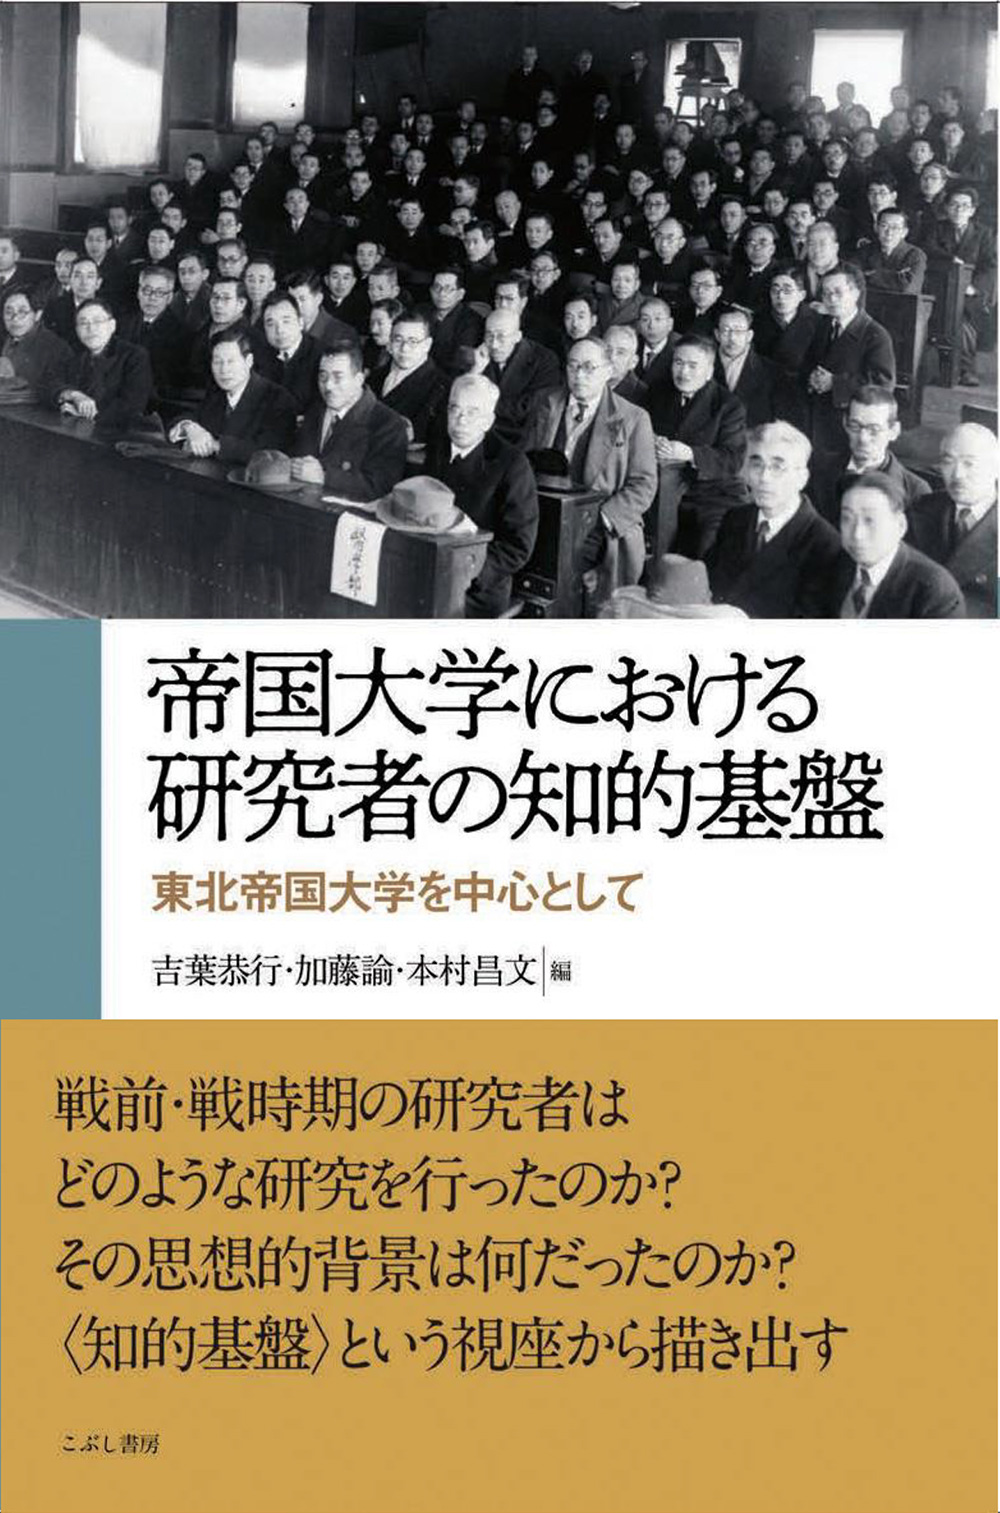 帝国大学における研究者の知的基盤に関する研究